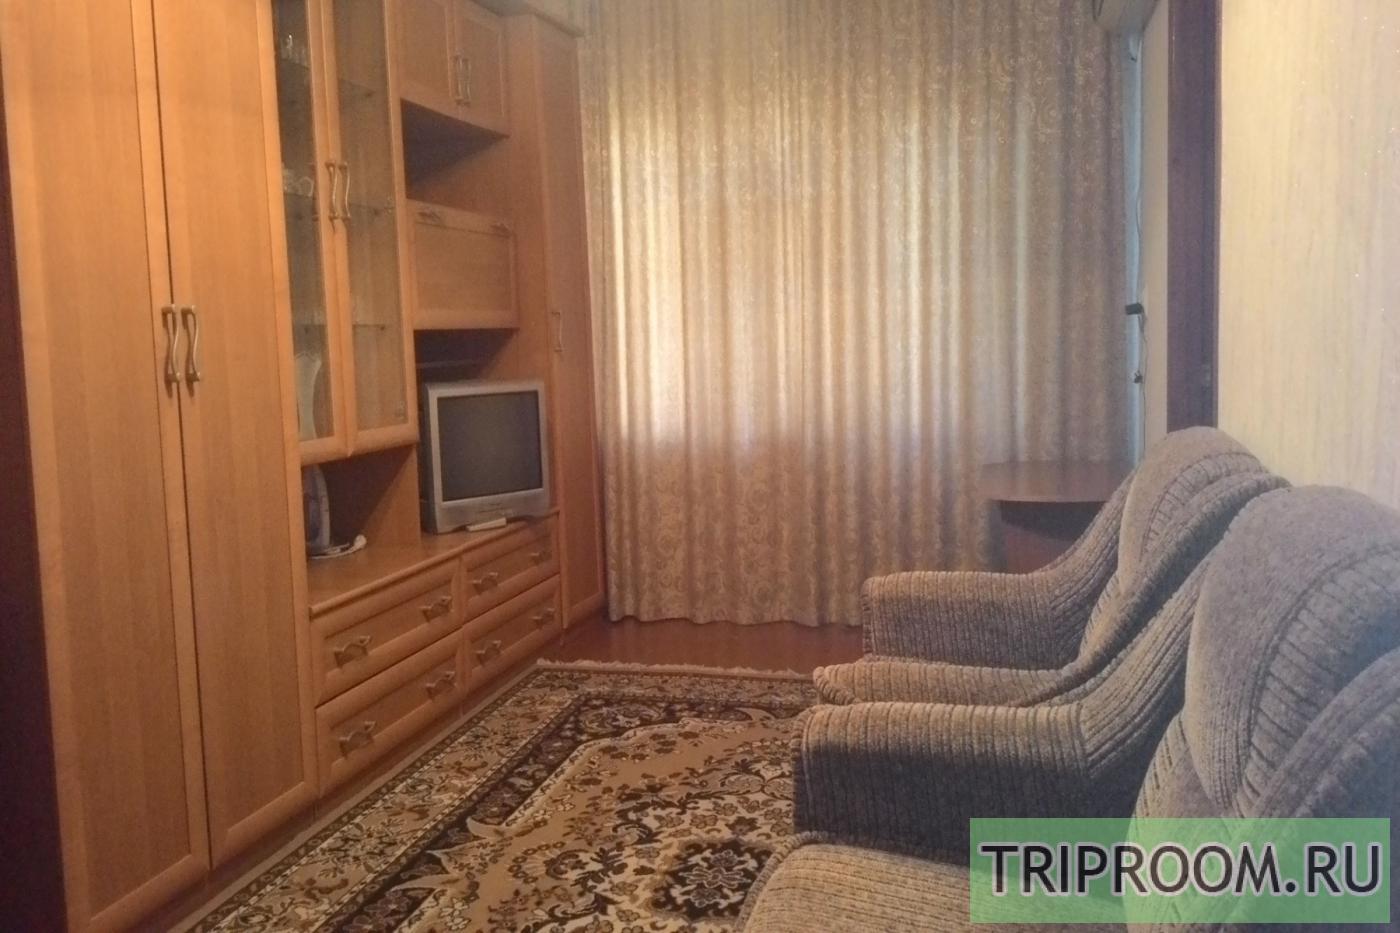 2-комнатная квартира посуточно (вариант № 22777), ул. Депутатская улица, фото № 1